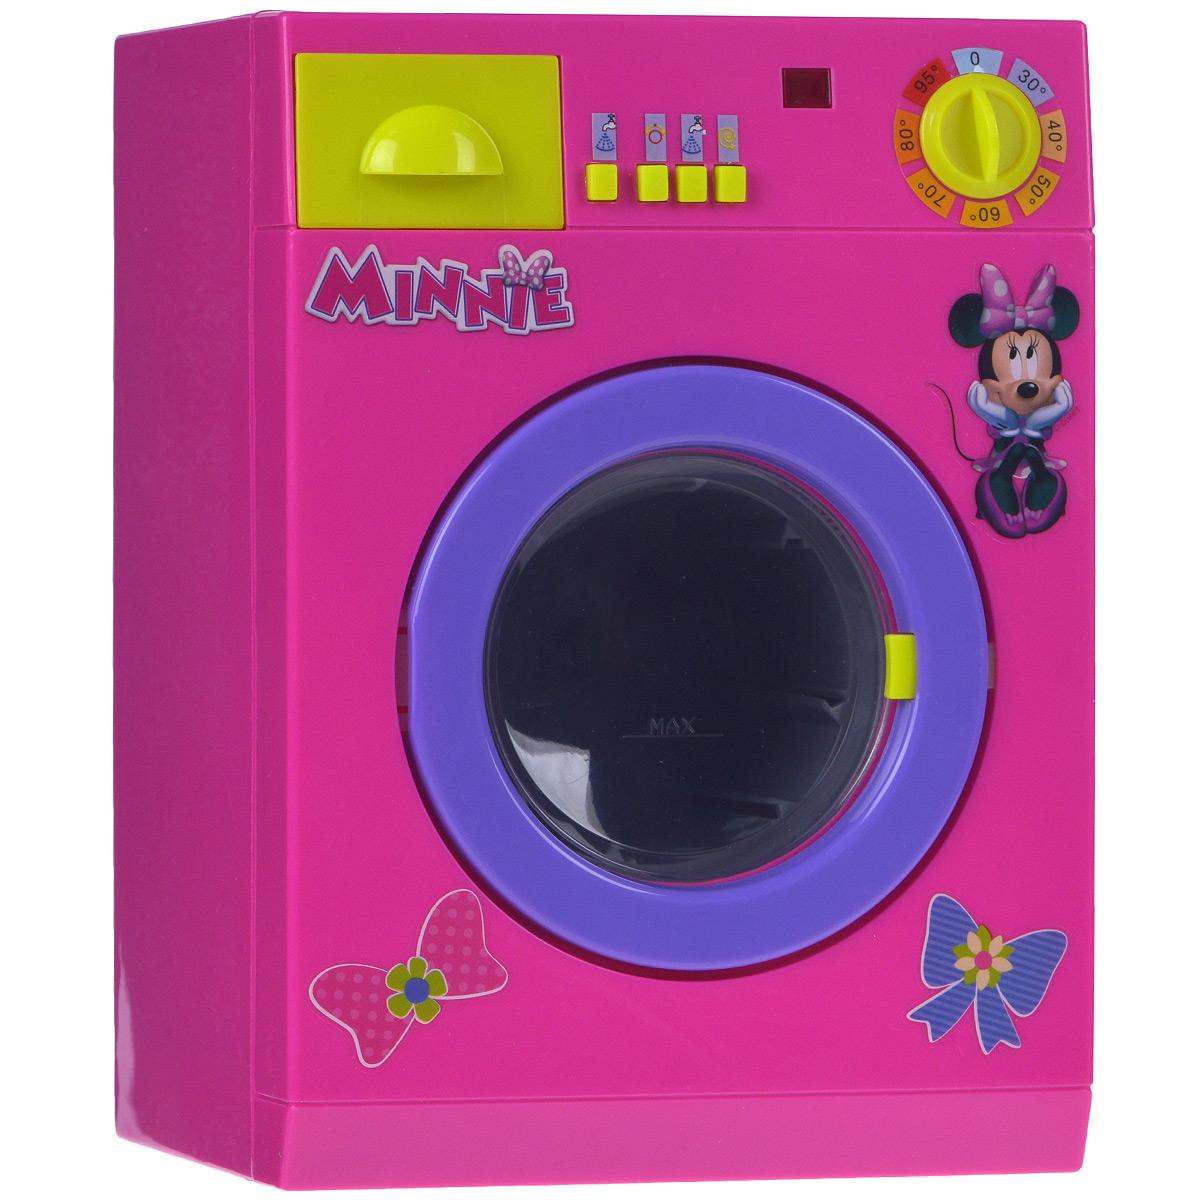 Simba Стиральная машина Minnie Mouse4765150Стиральная машина Minnie Mouse позволит вашей малышке почувствовать себя настоящей хозяйкой. Машинка выполнена из яркого безопасного пластика и оснащена звуковыми и световыми эффектами. На ее корпусе расположены 4 кнопки, лампочка и ручка, поворачивающаяся со звуком трещотки. Необходимо загрузить одежду в барабан машинки, налить воду в контейнер для порошка и выбрать нужный режим стирки. Нажатия кнопок сопровождают реалистичные звуки, имитирующие работу настоящей машинки, при этом мигает лампочка на ее корпусе. В конце стирки вода вытечет через шланг, который находится в задней части машинки. В комплект входят корзина для белья и картонная коробочка с порошком. Игра с машинкой развивает воображение вашего ребенка, повышает способность мыслить, создавать новые образы и фантазировать, способствует развитию социальных навыков, побуждает ребенка исследовать и понимать окружающий мир. Необходимо докупить 3 батарейки напряжением 1,5V типа С/LR14 (не входят в...